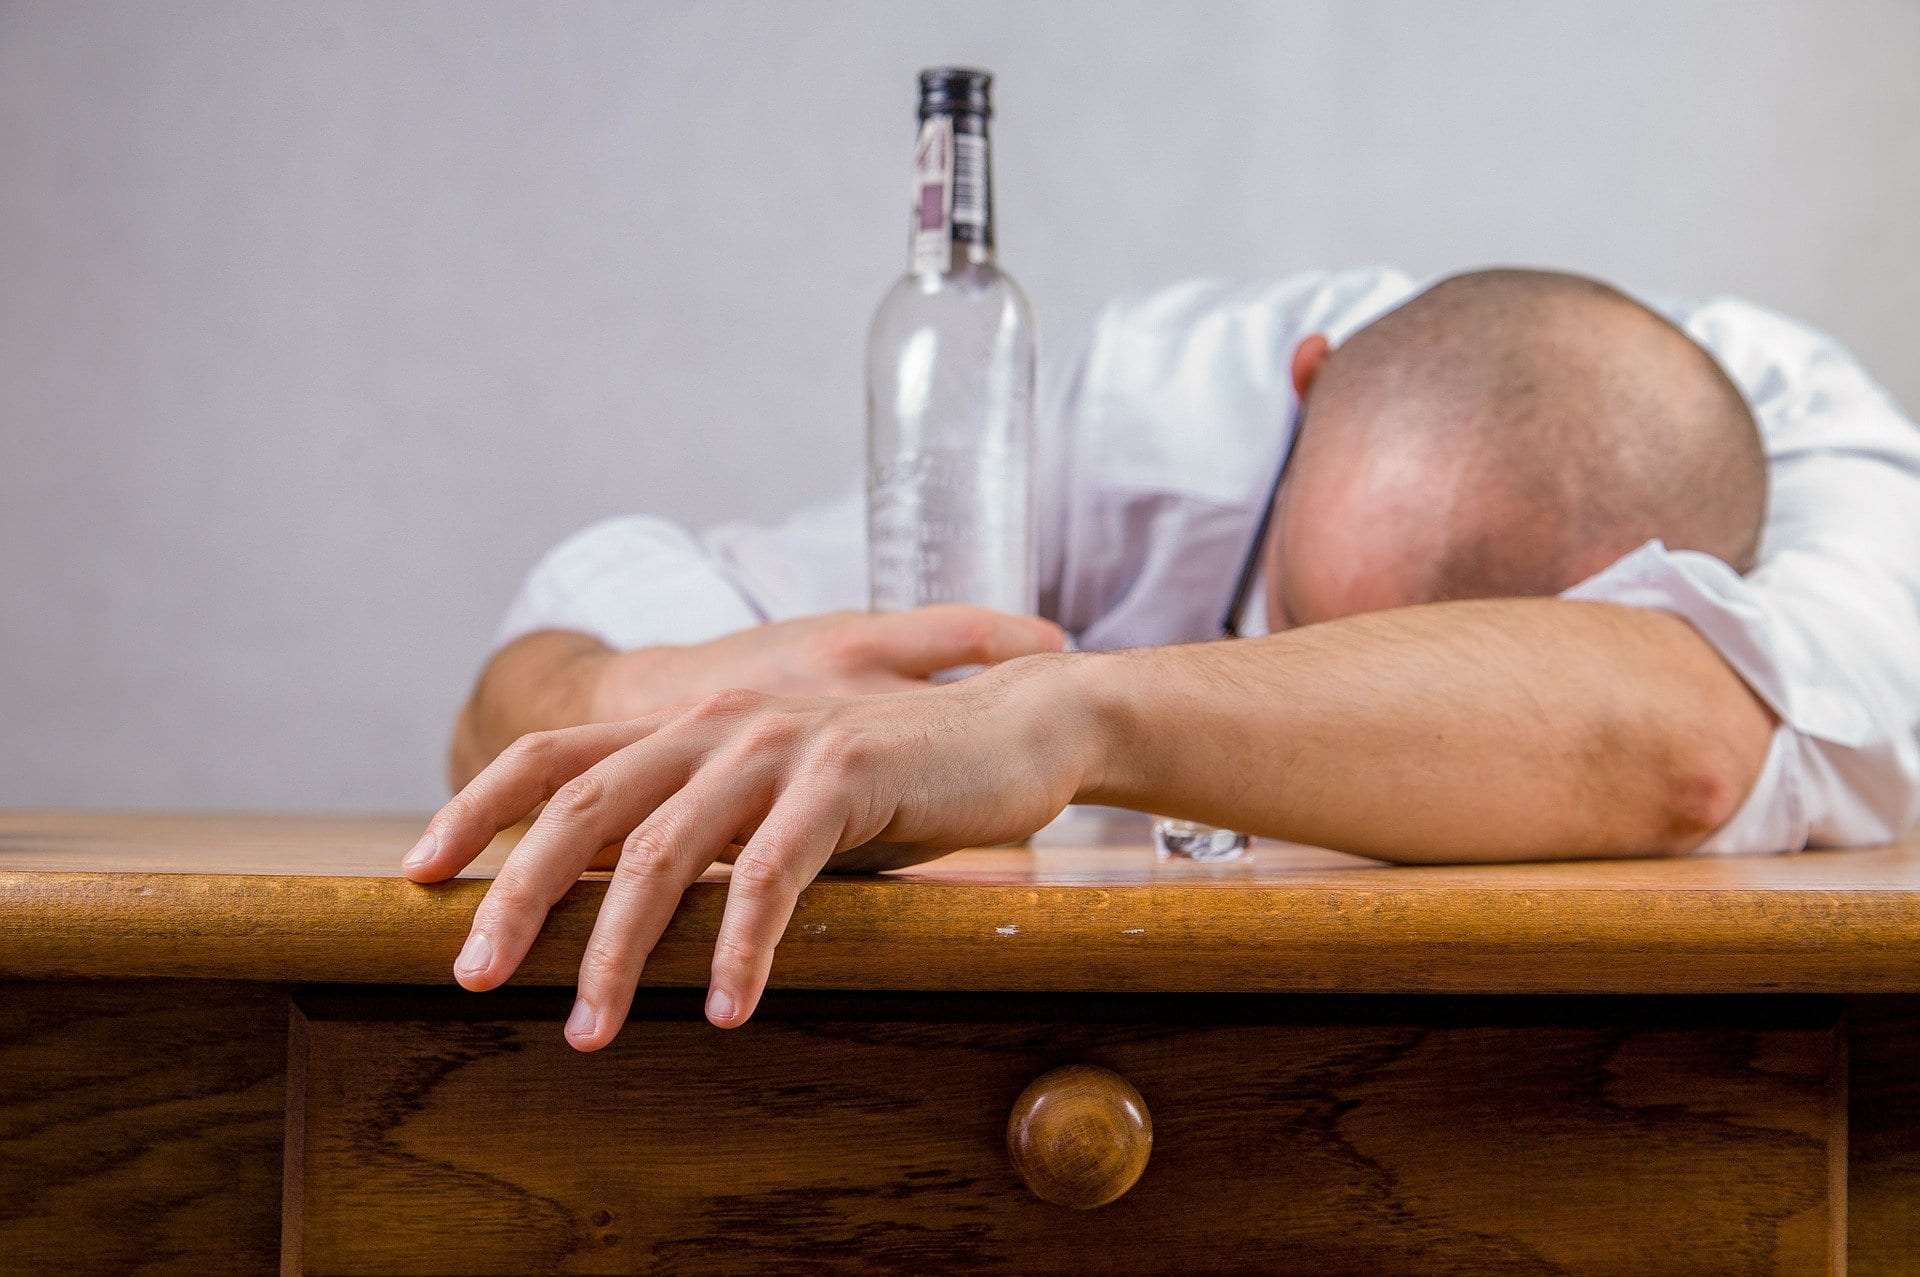 alcolismo bottiglia